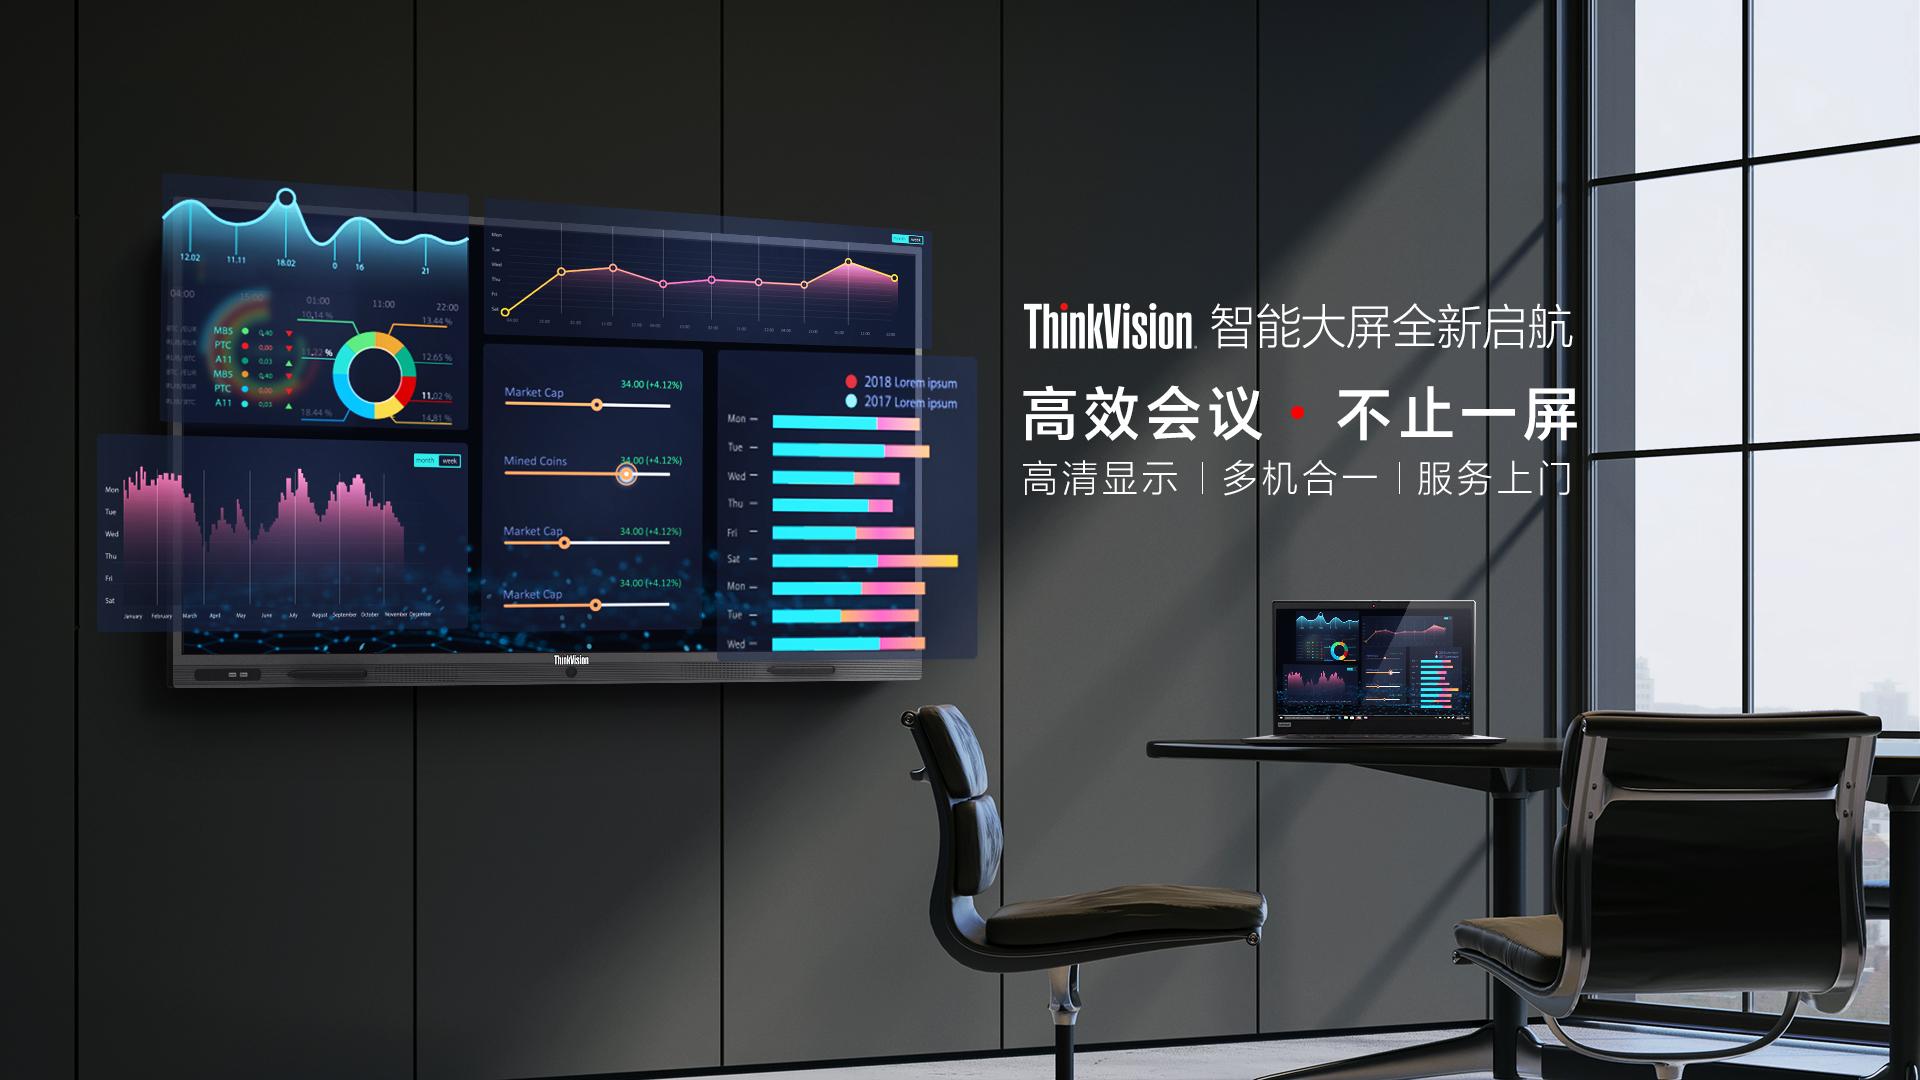 联想发布ThinkVision智能大屏:智能触控 可圈可点